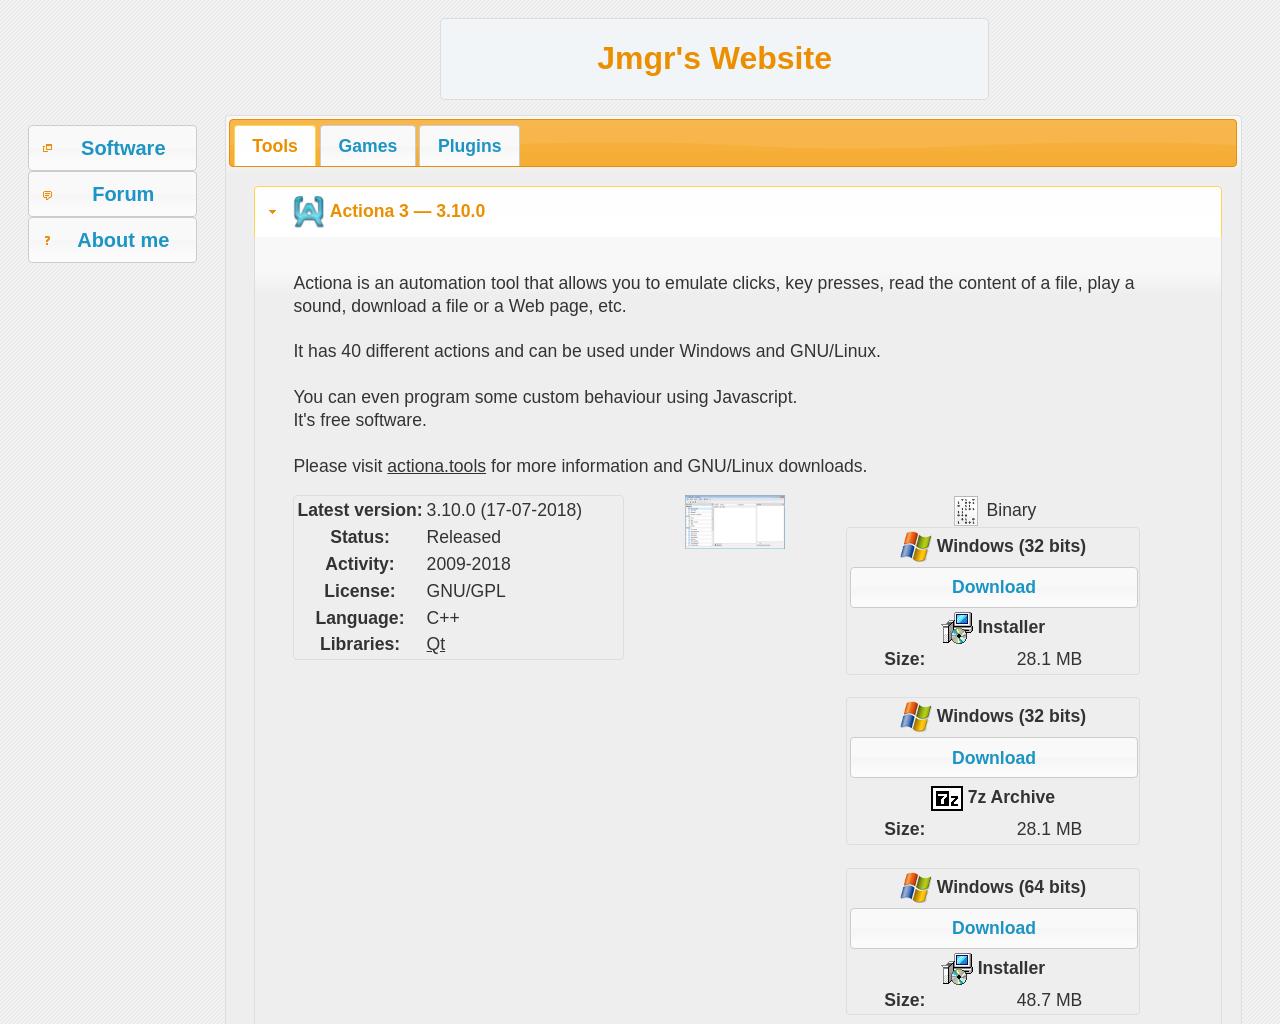 jmgr.net